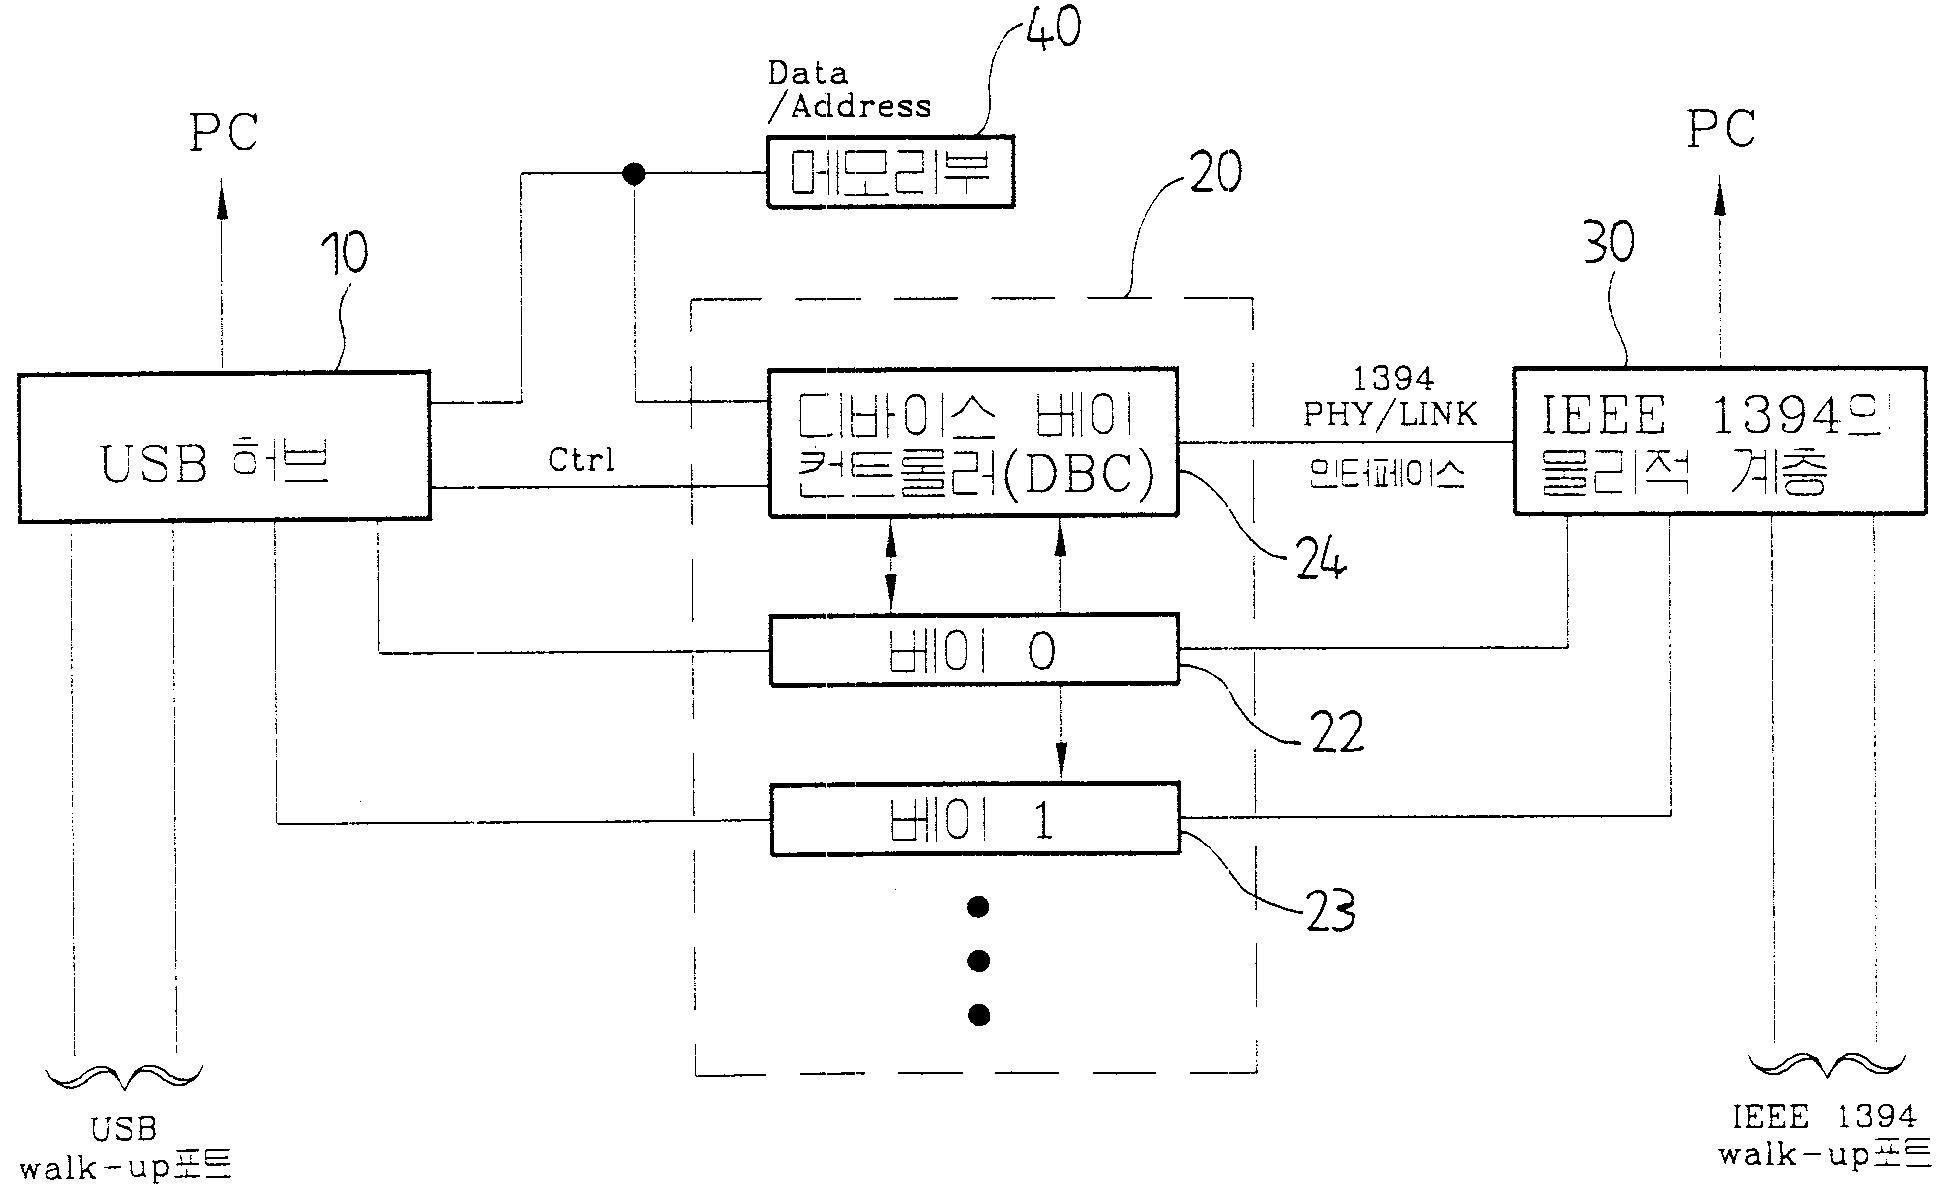 유에스비 허브와 메모리맵 방식으로 인터페이스되는디바이스 베이 장치(MEMORY MAPPED INTERFACE DEVICE BAY SYSTEM WITH USB HUB)